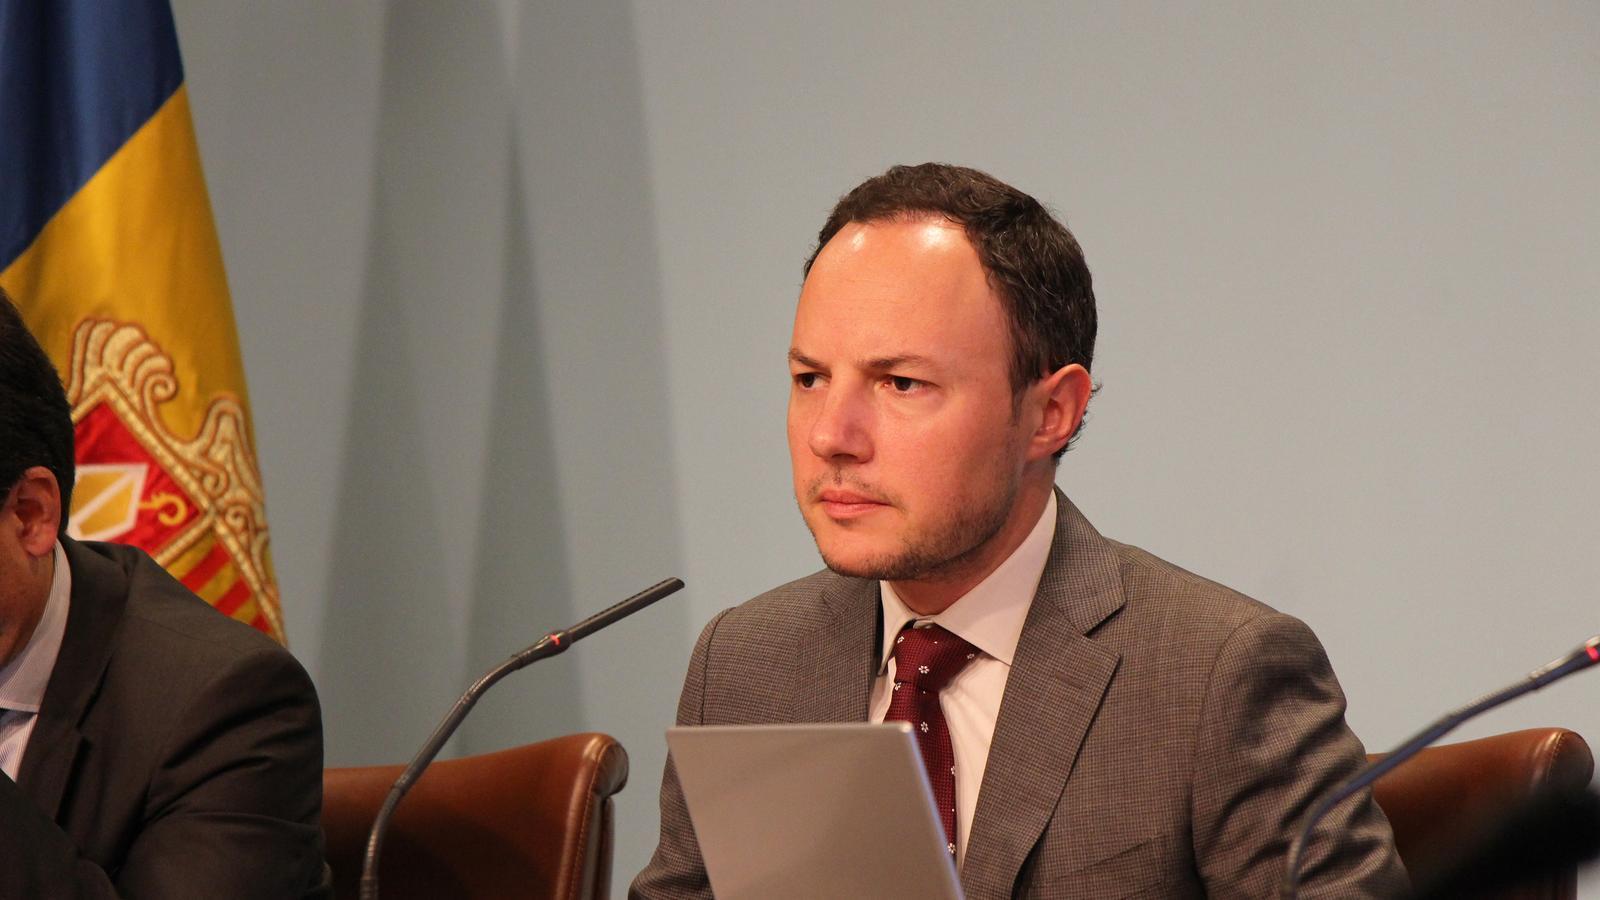 Nova quota de 250 permisos per treball per compte propi for Ministre interior